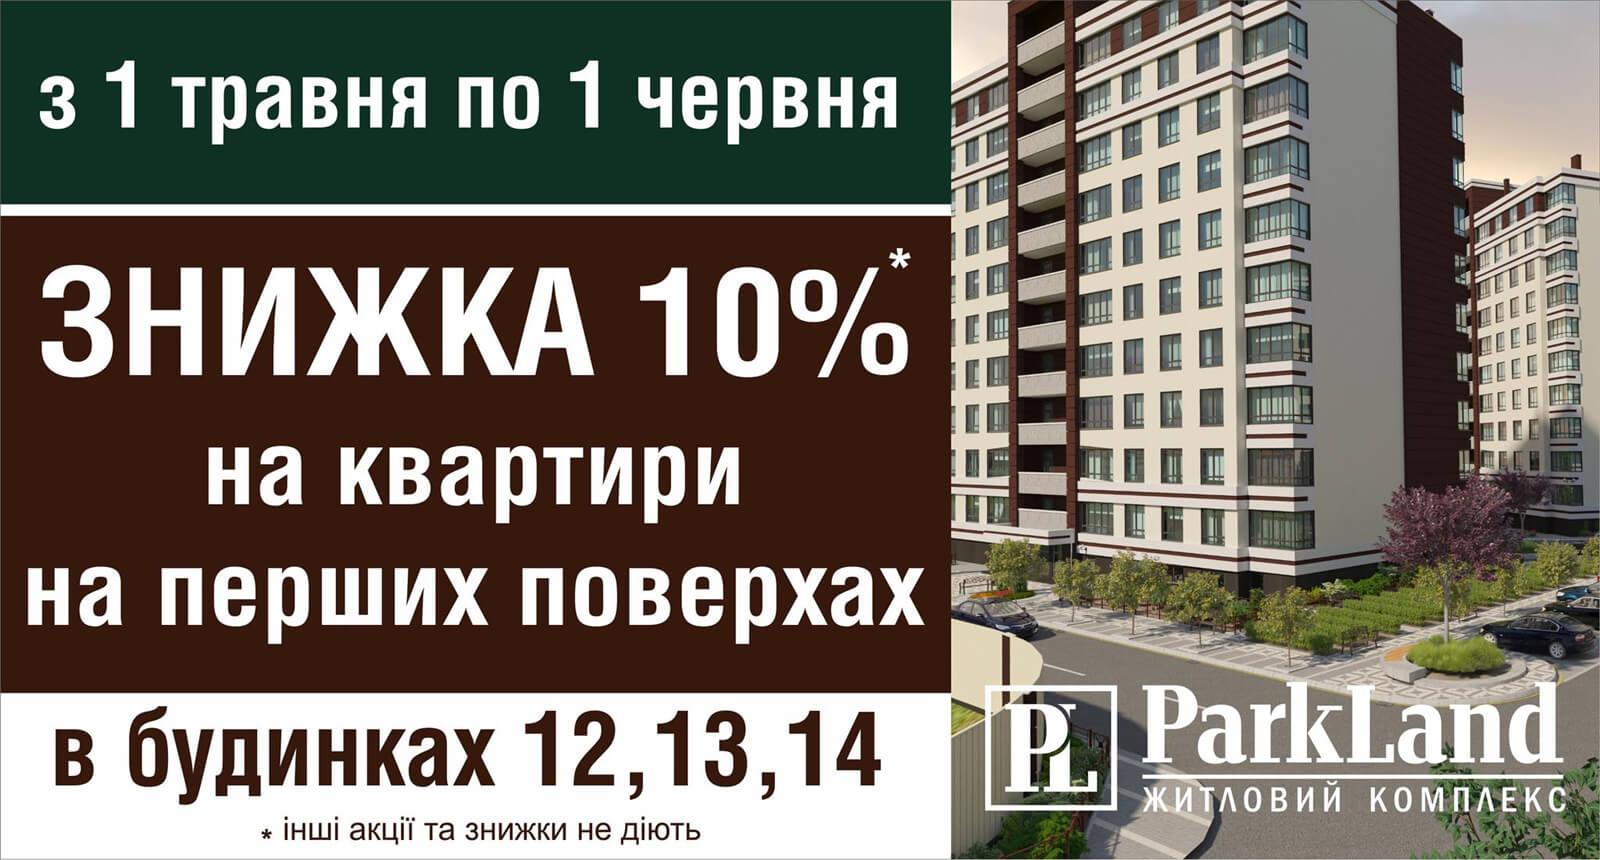 news_260418-ukr